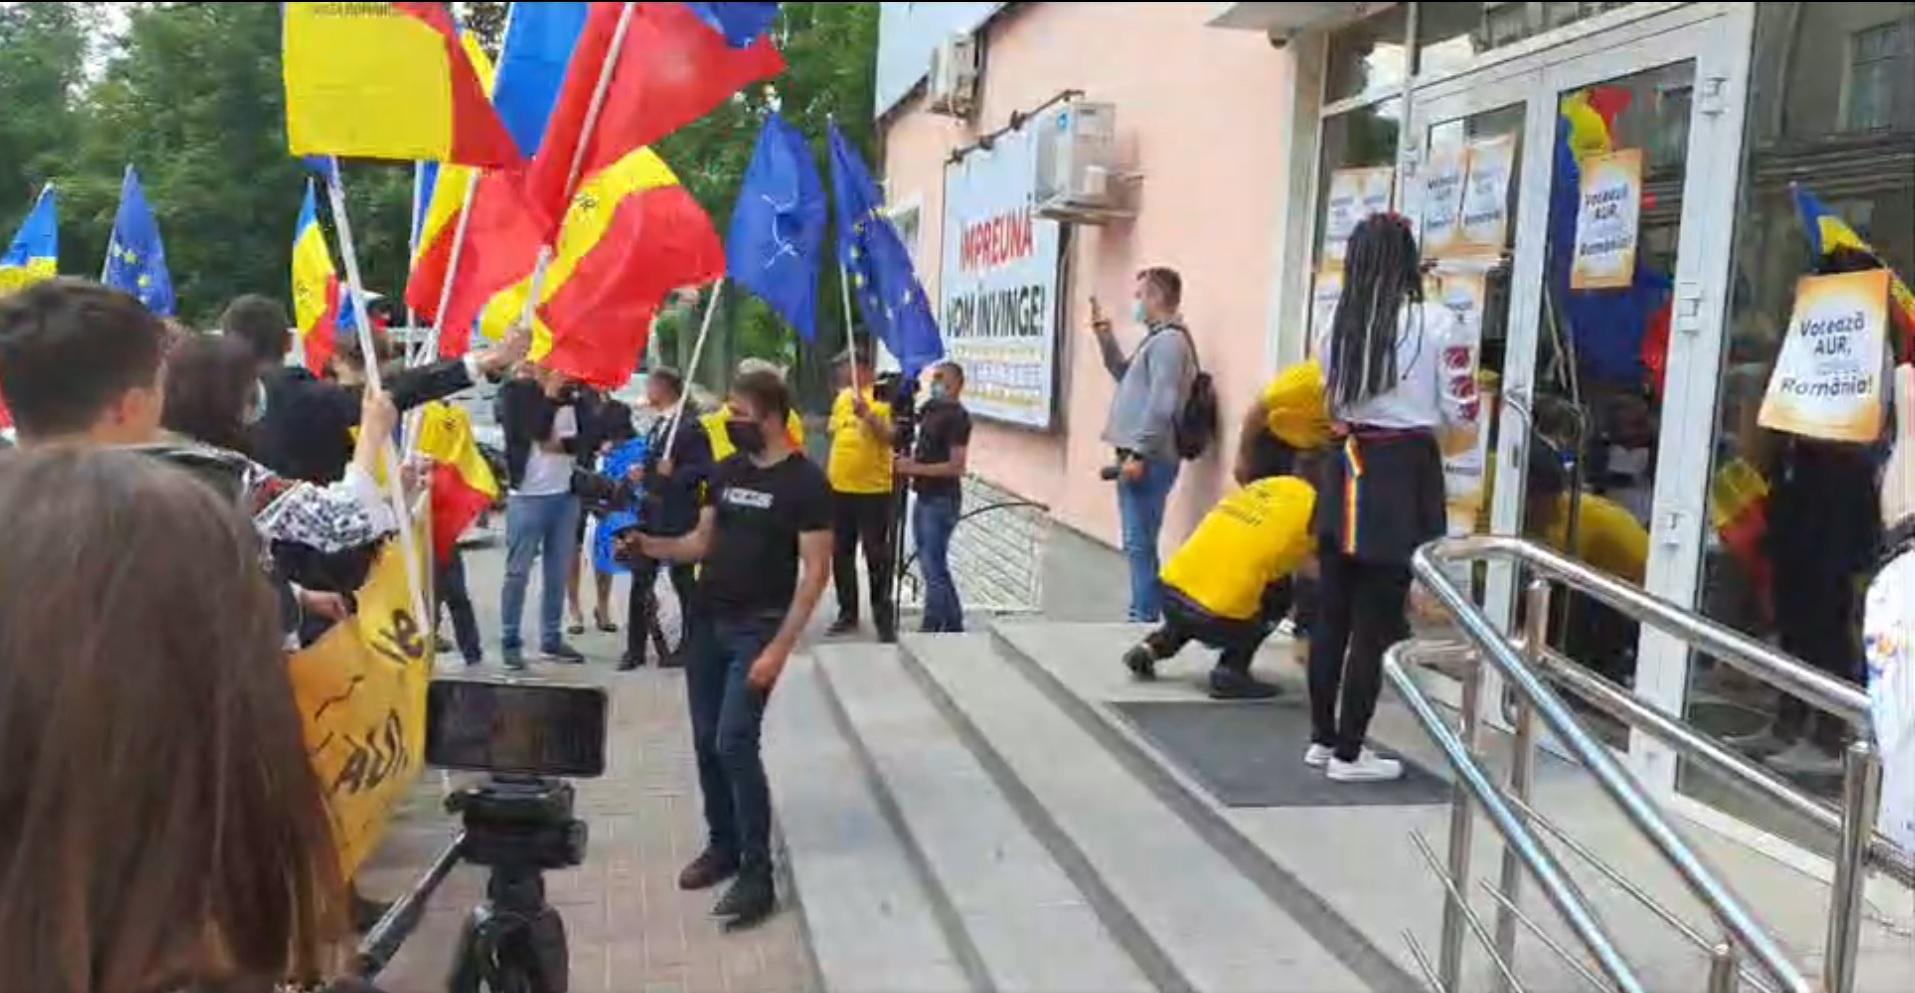 AUR a protestat la sediul PSRM. Țîrdea și Batrîncea au ieșit în fața manifestanților (FOTO)